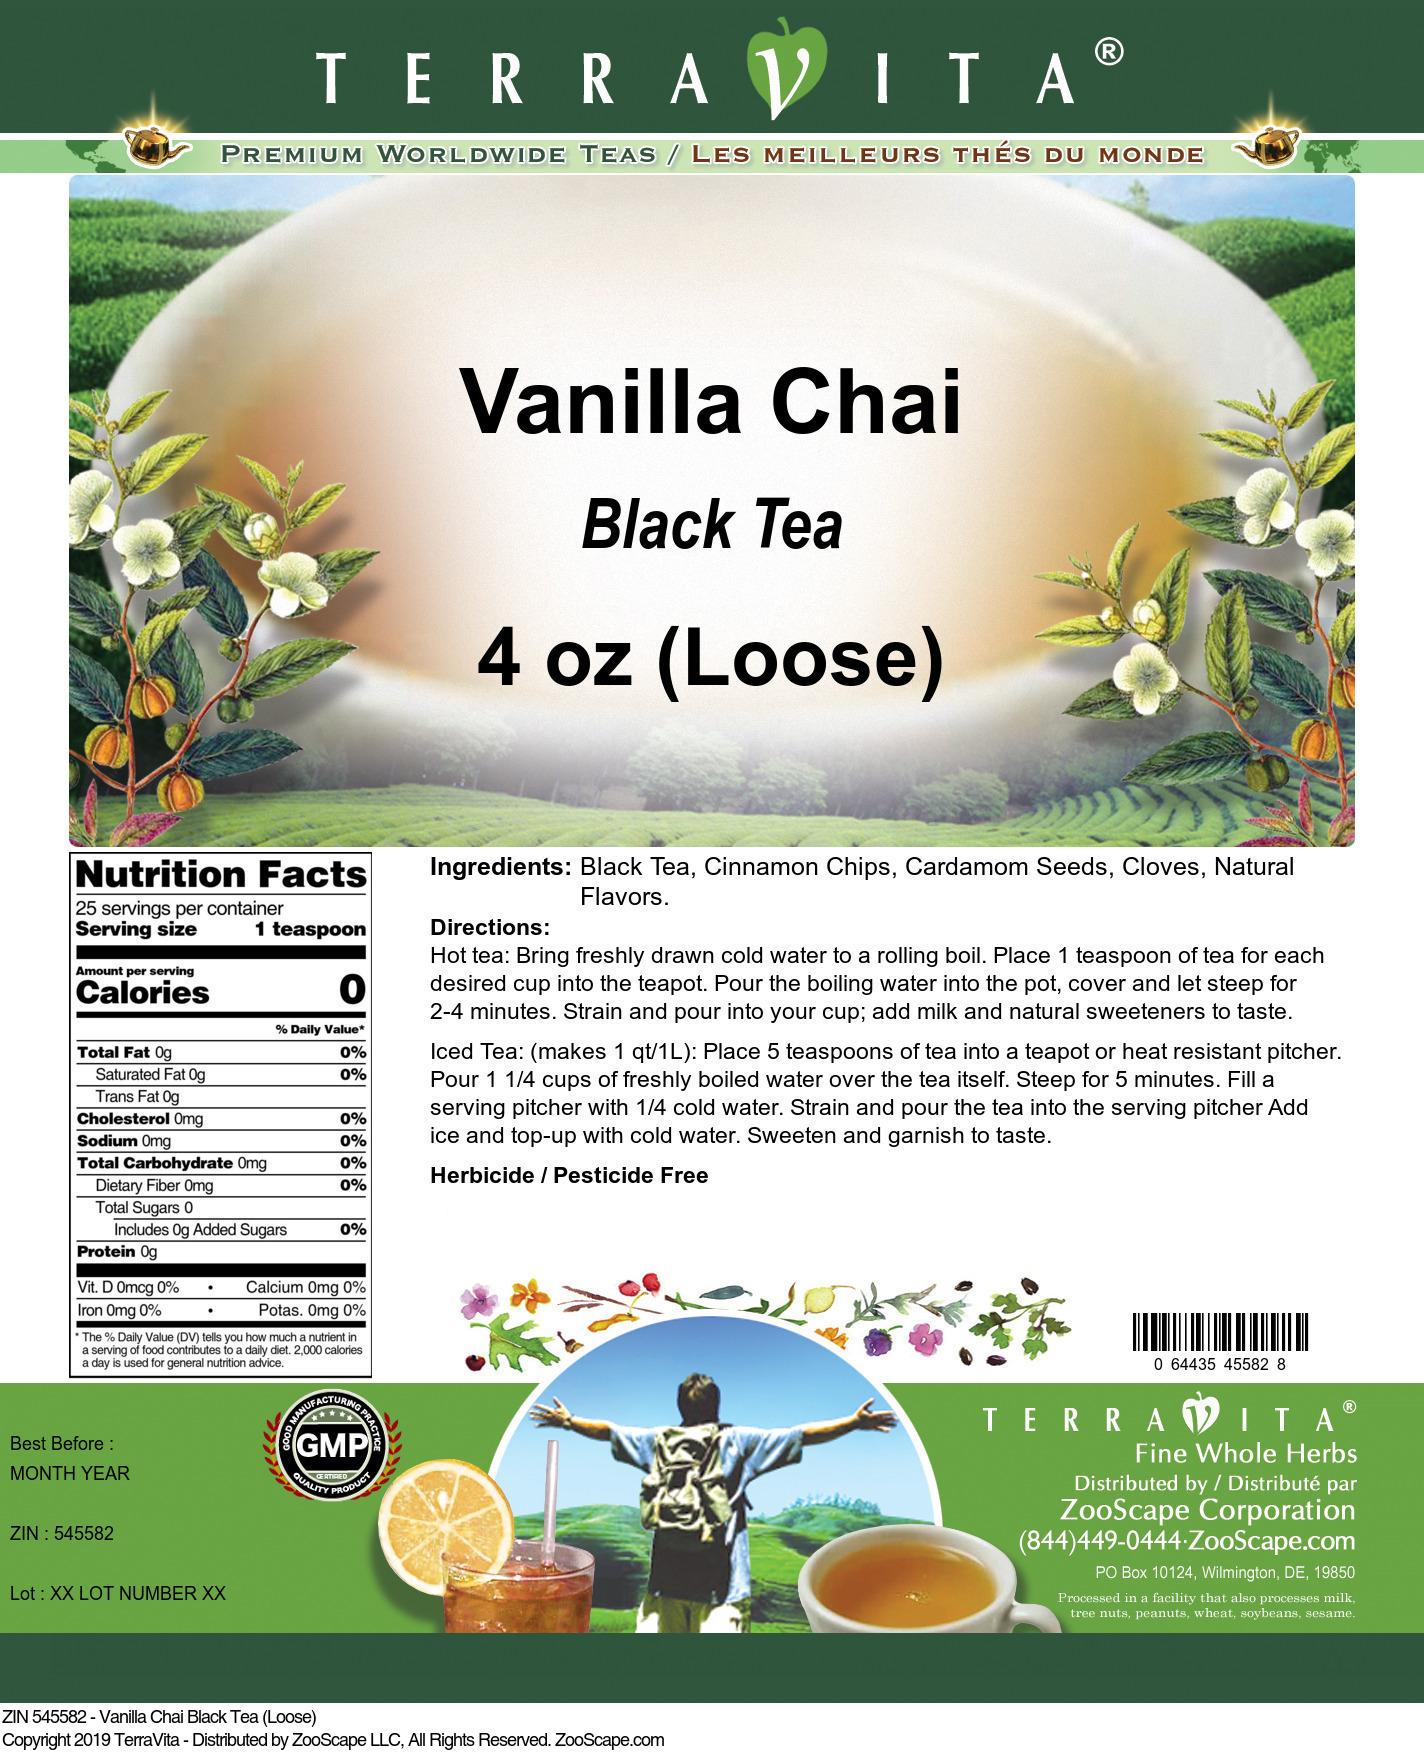 Vanilla Chai Black Tea (Loose)